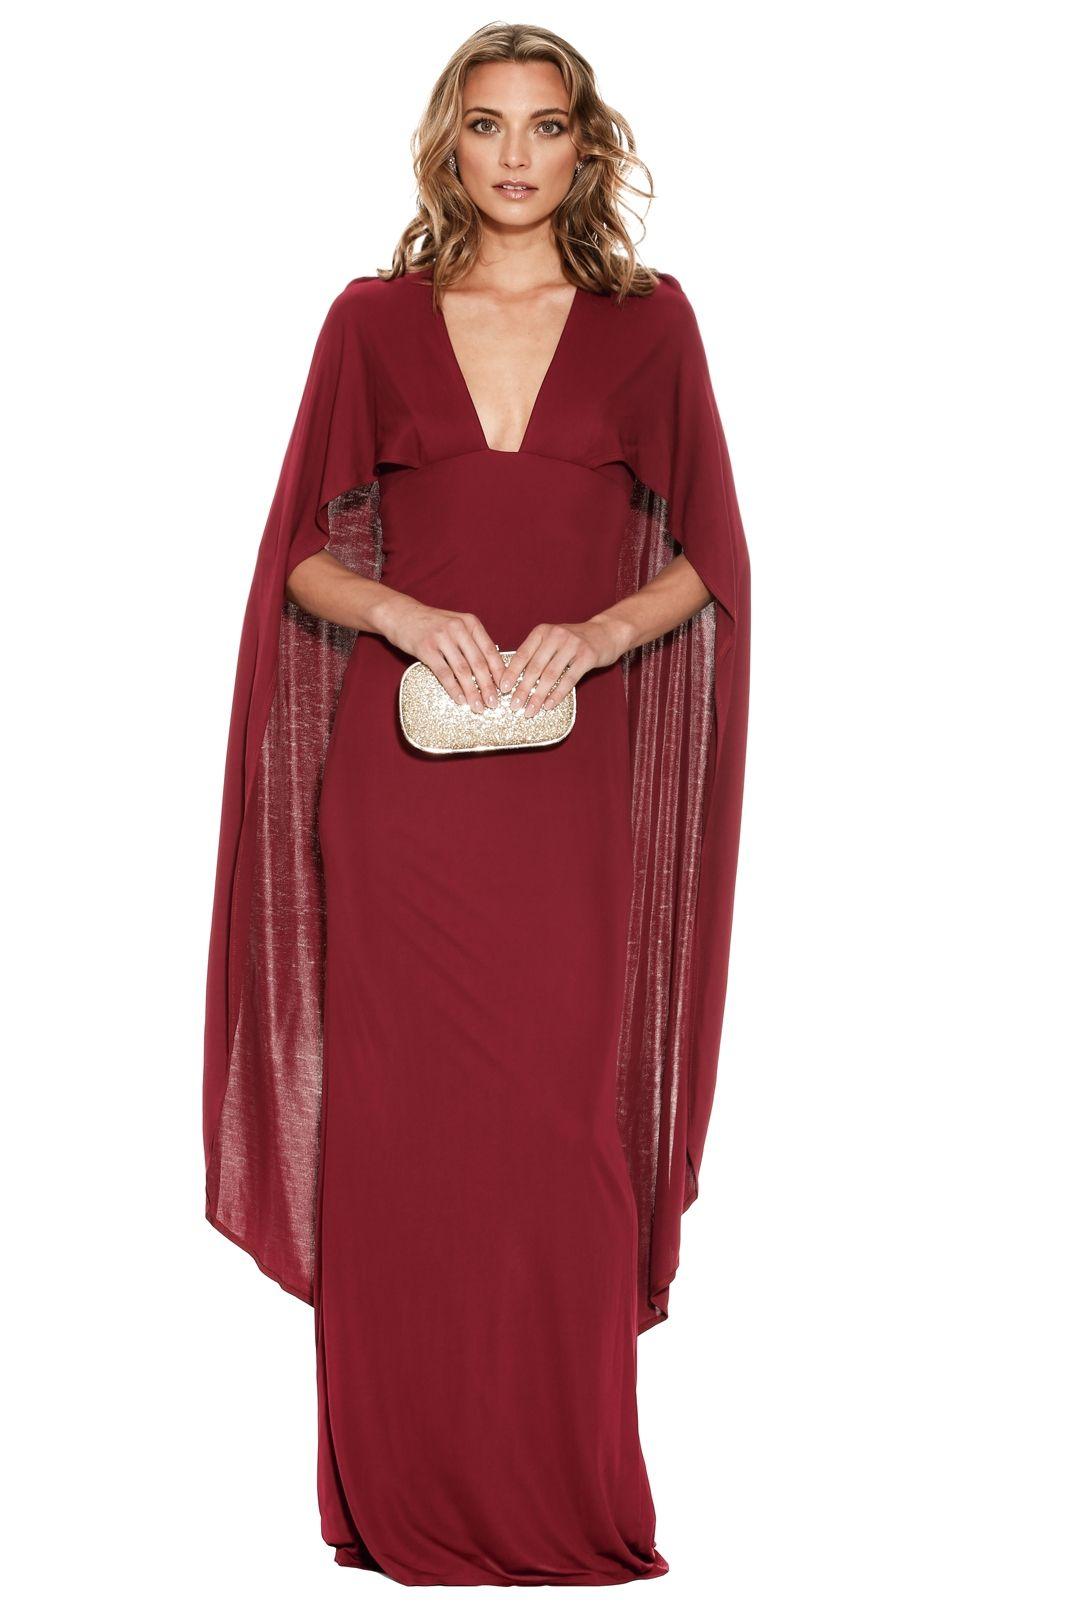 ABS by Allen Schwartz - Cyra Deep V Cape Gown - Wine Red - Front